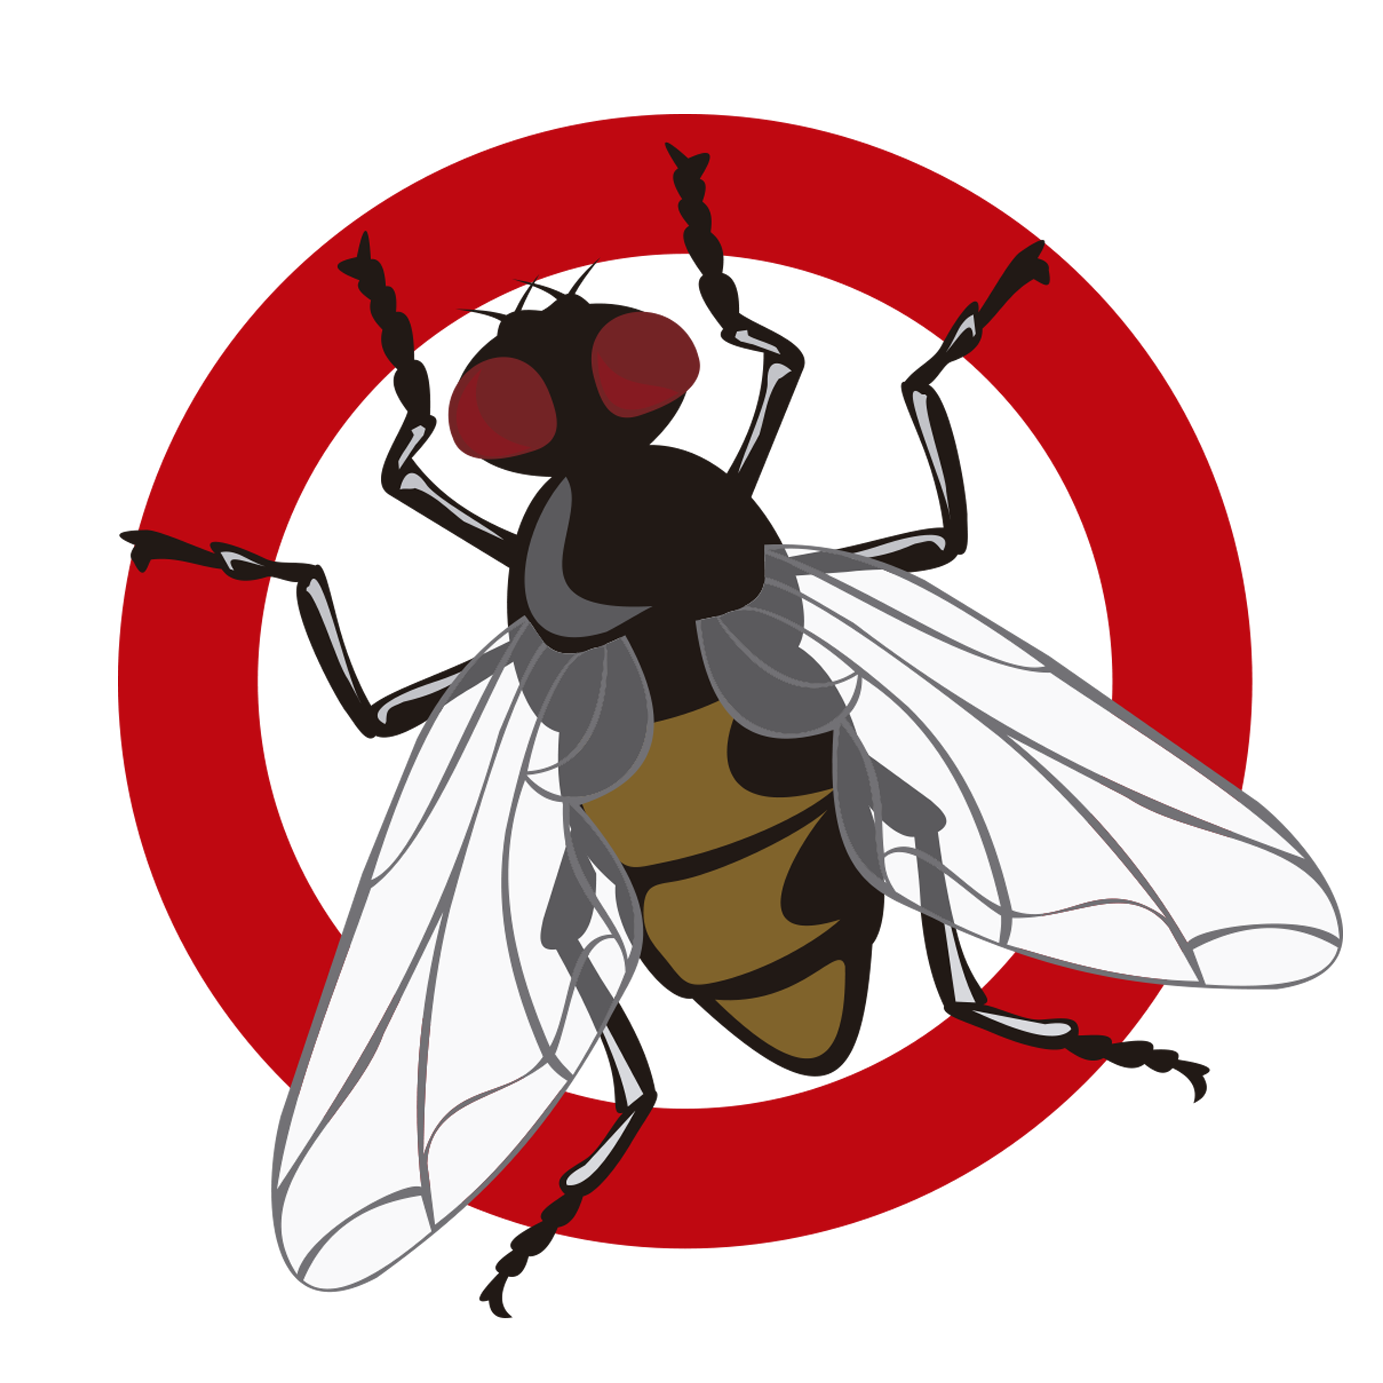 Flies clipart scared. Pest control companies la